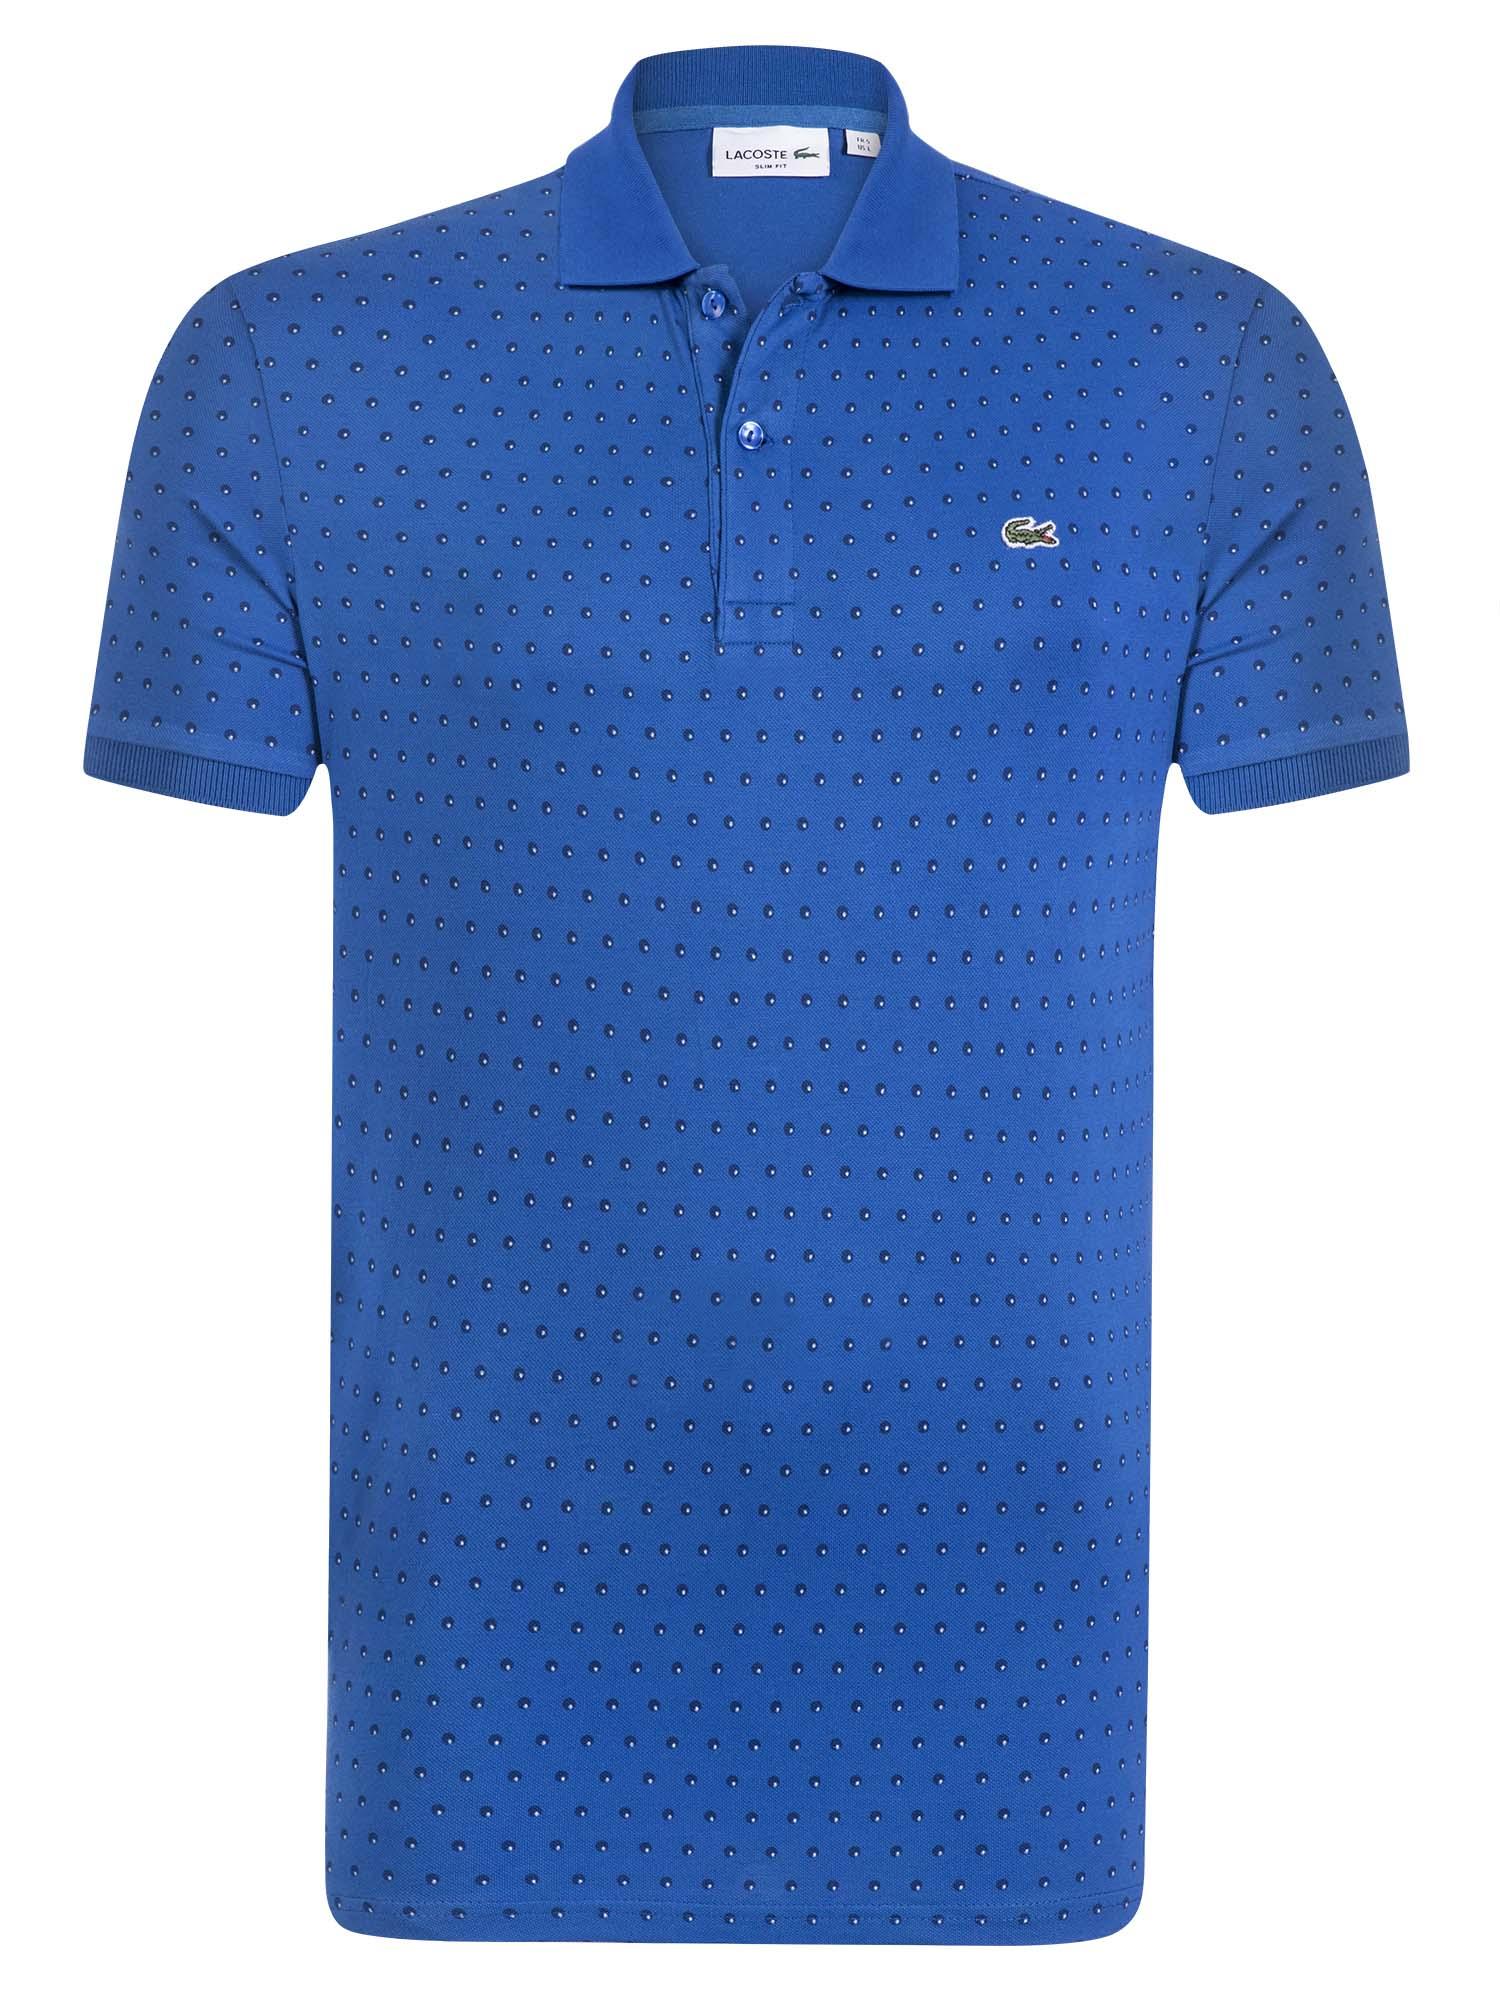 Modrá elegantní polokošile s puntíky od Lacoste - Glami.cz 407cfaef6dc